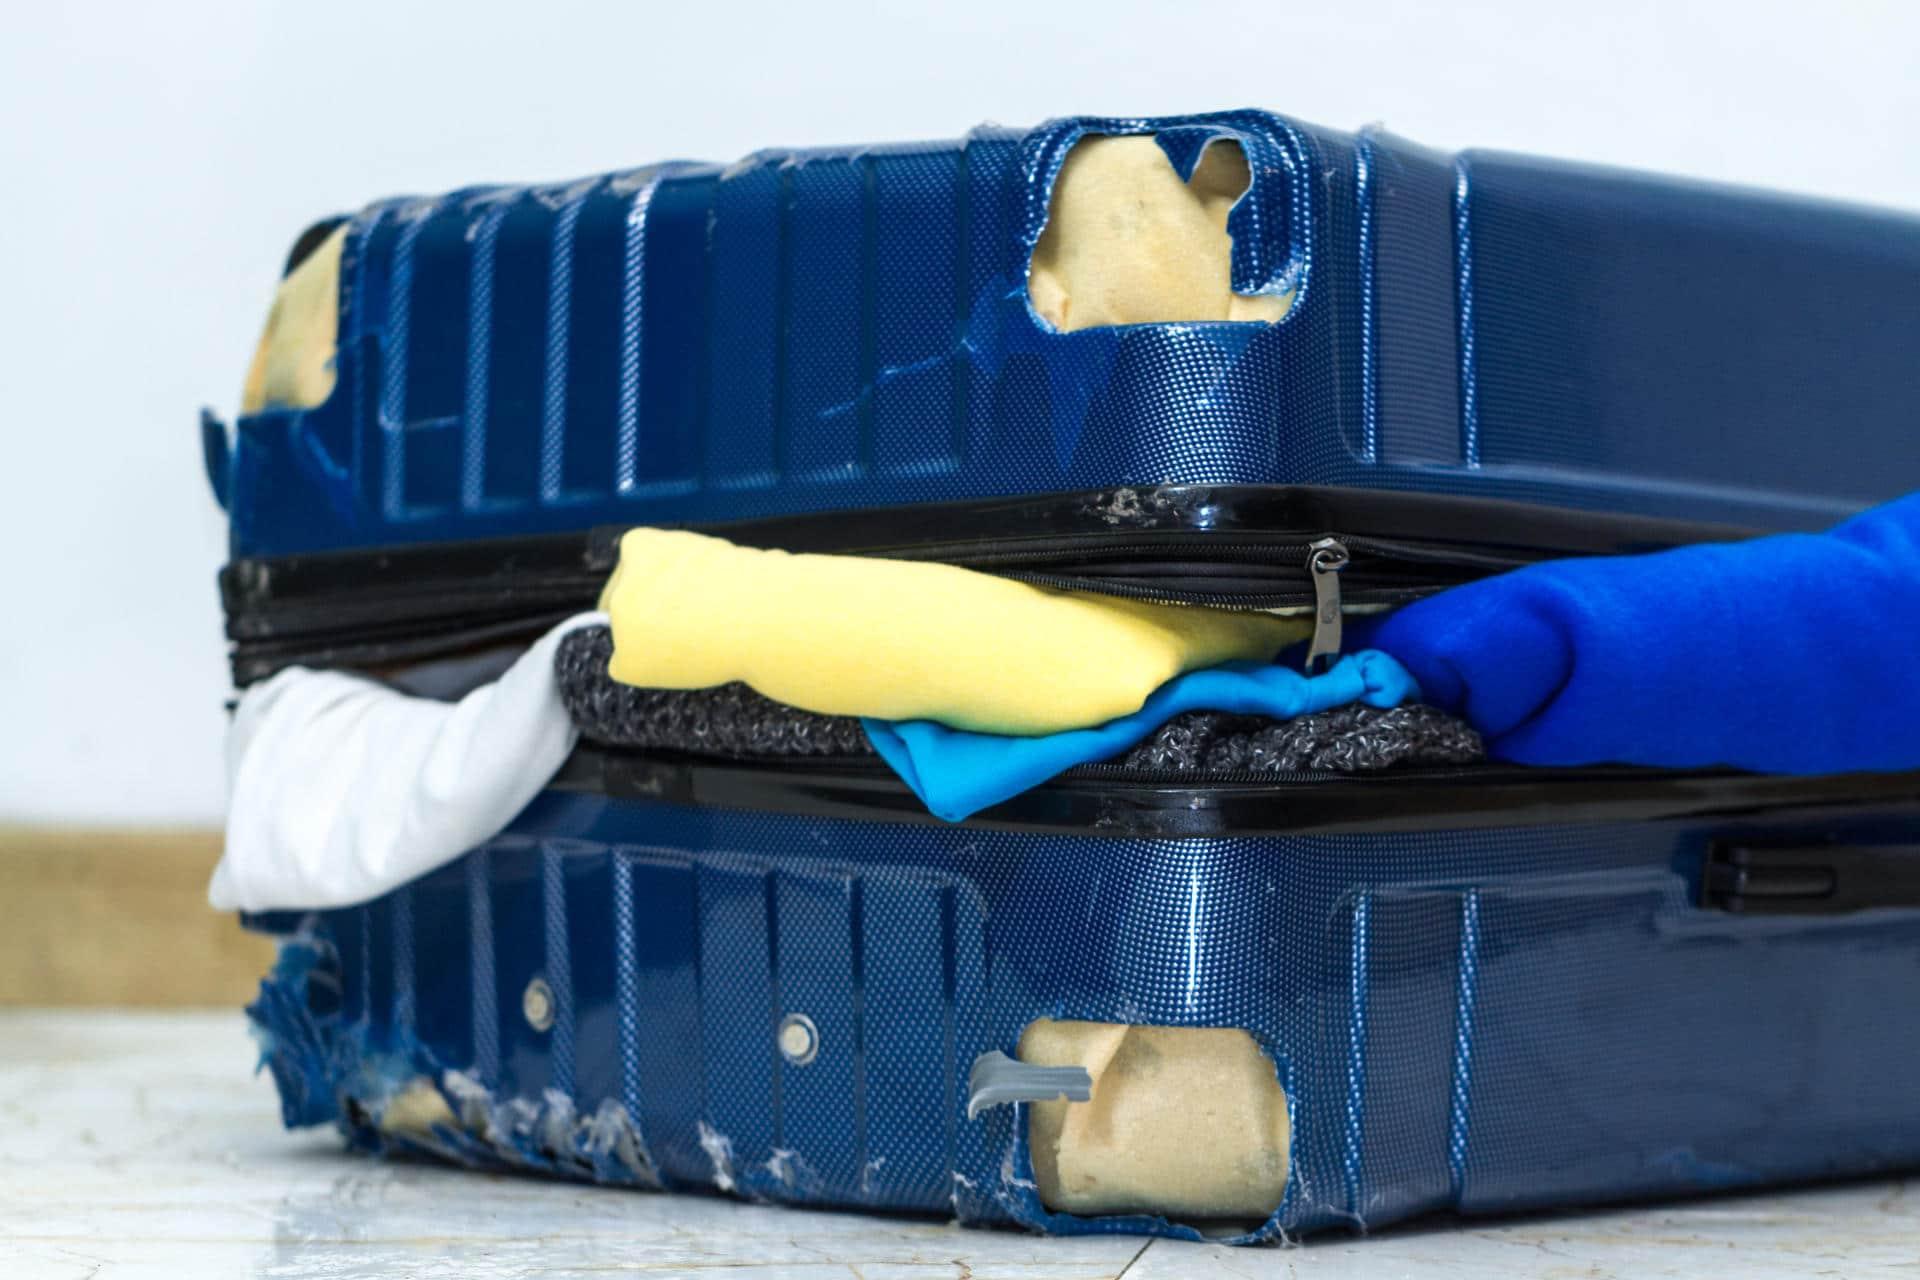 Hajonnut matkalaukku